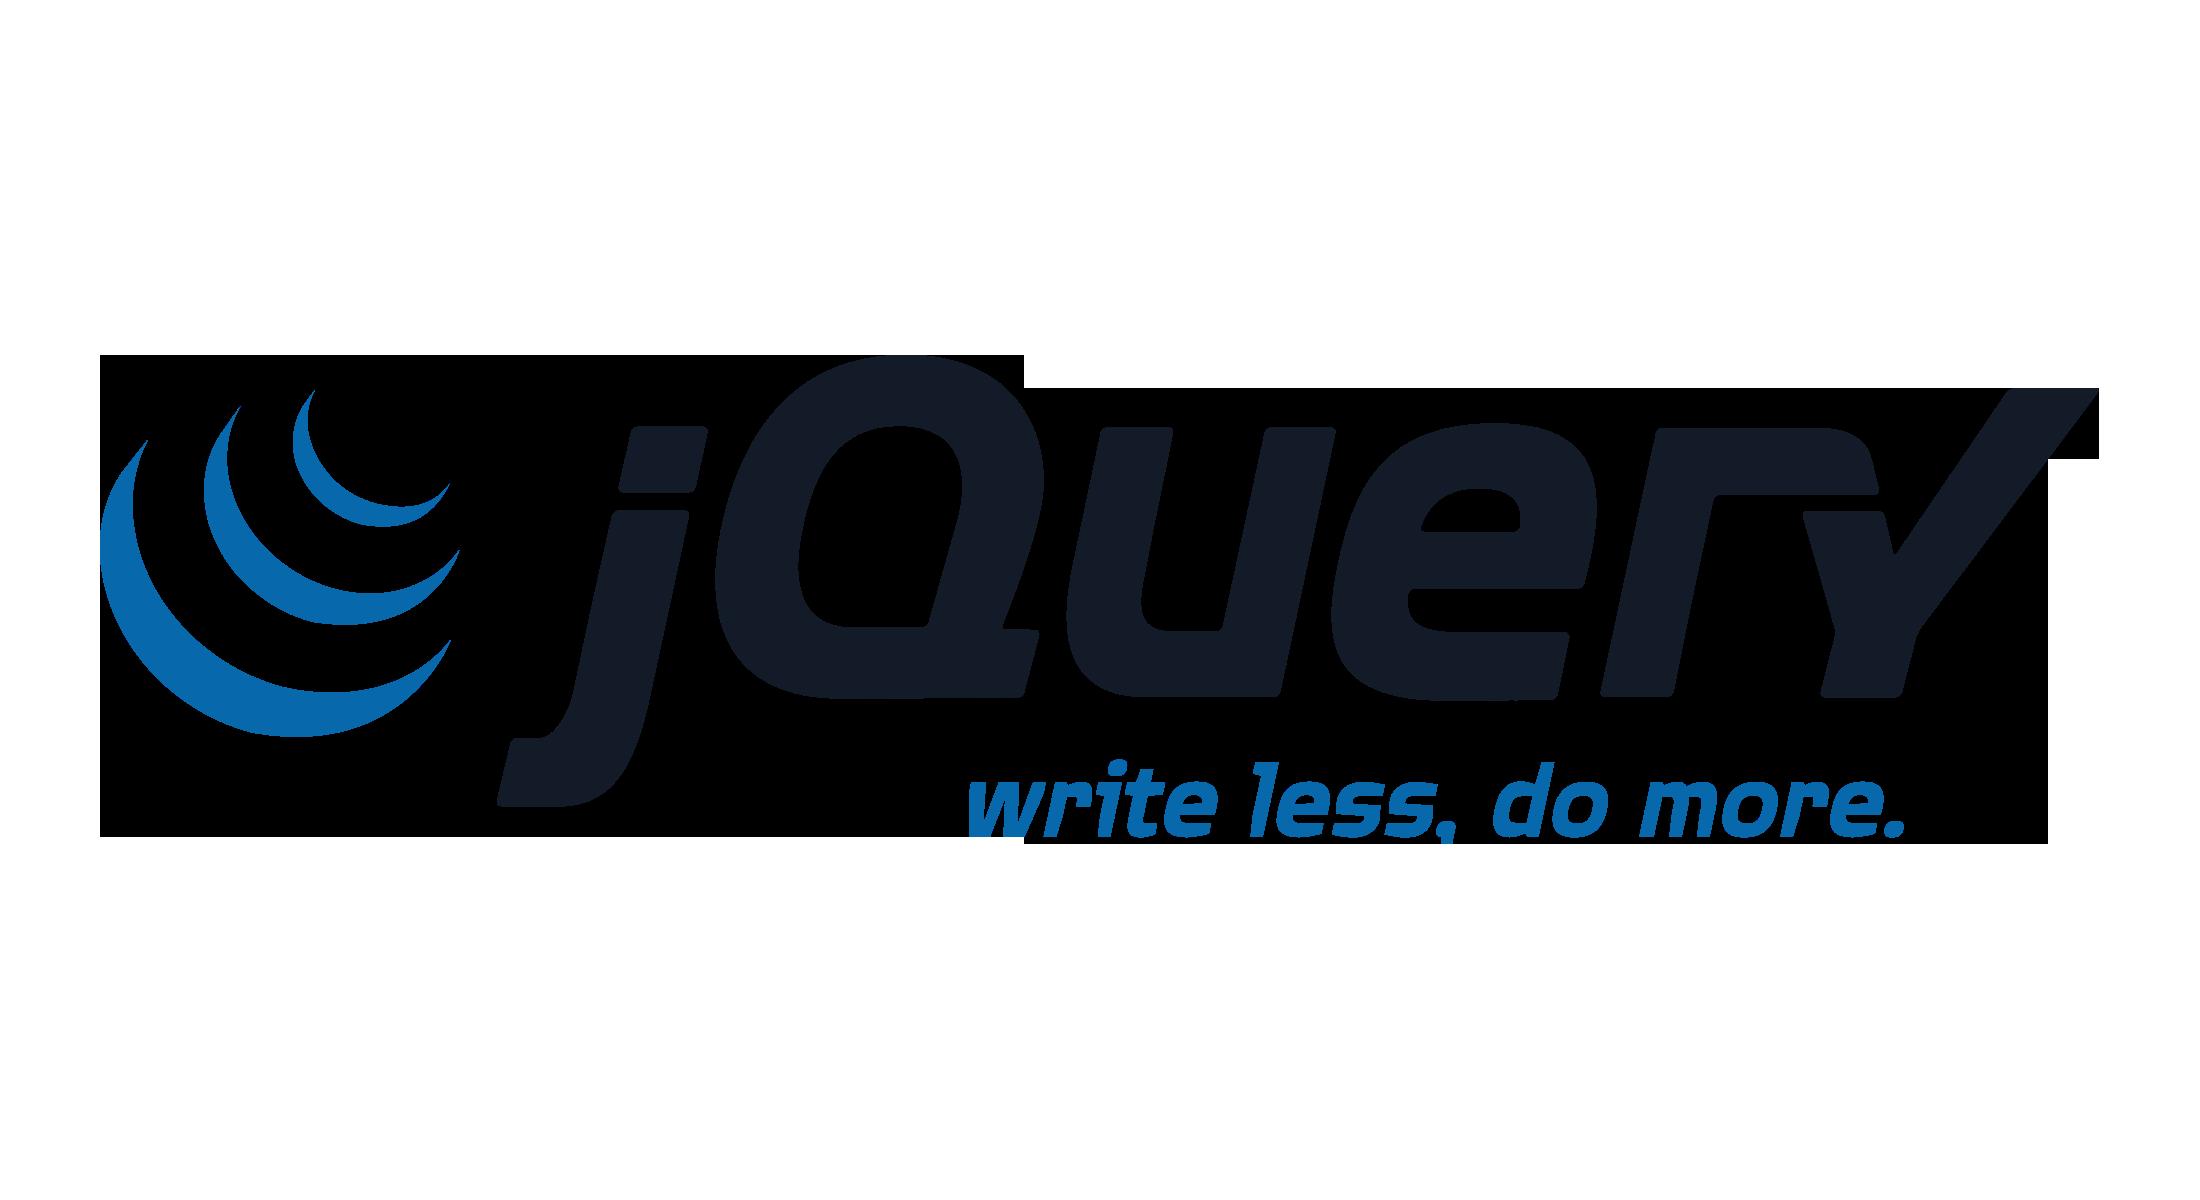 【入門用】こんなに便利にデザインができる!jQueryとは?